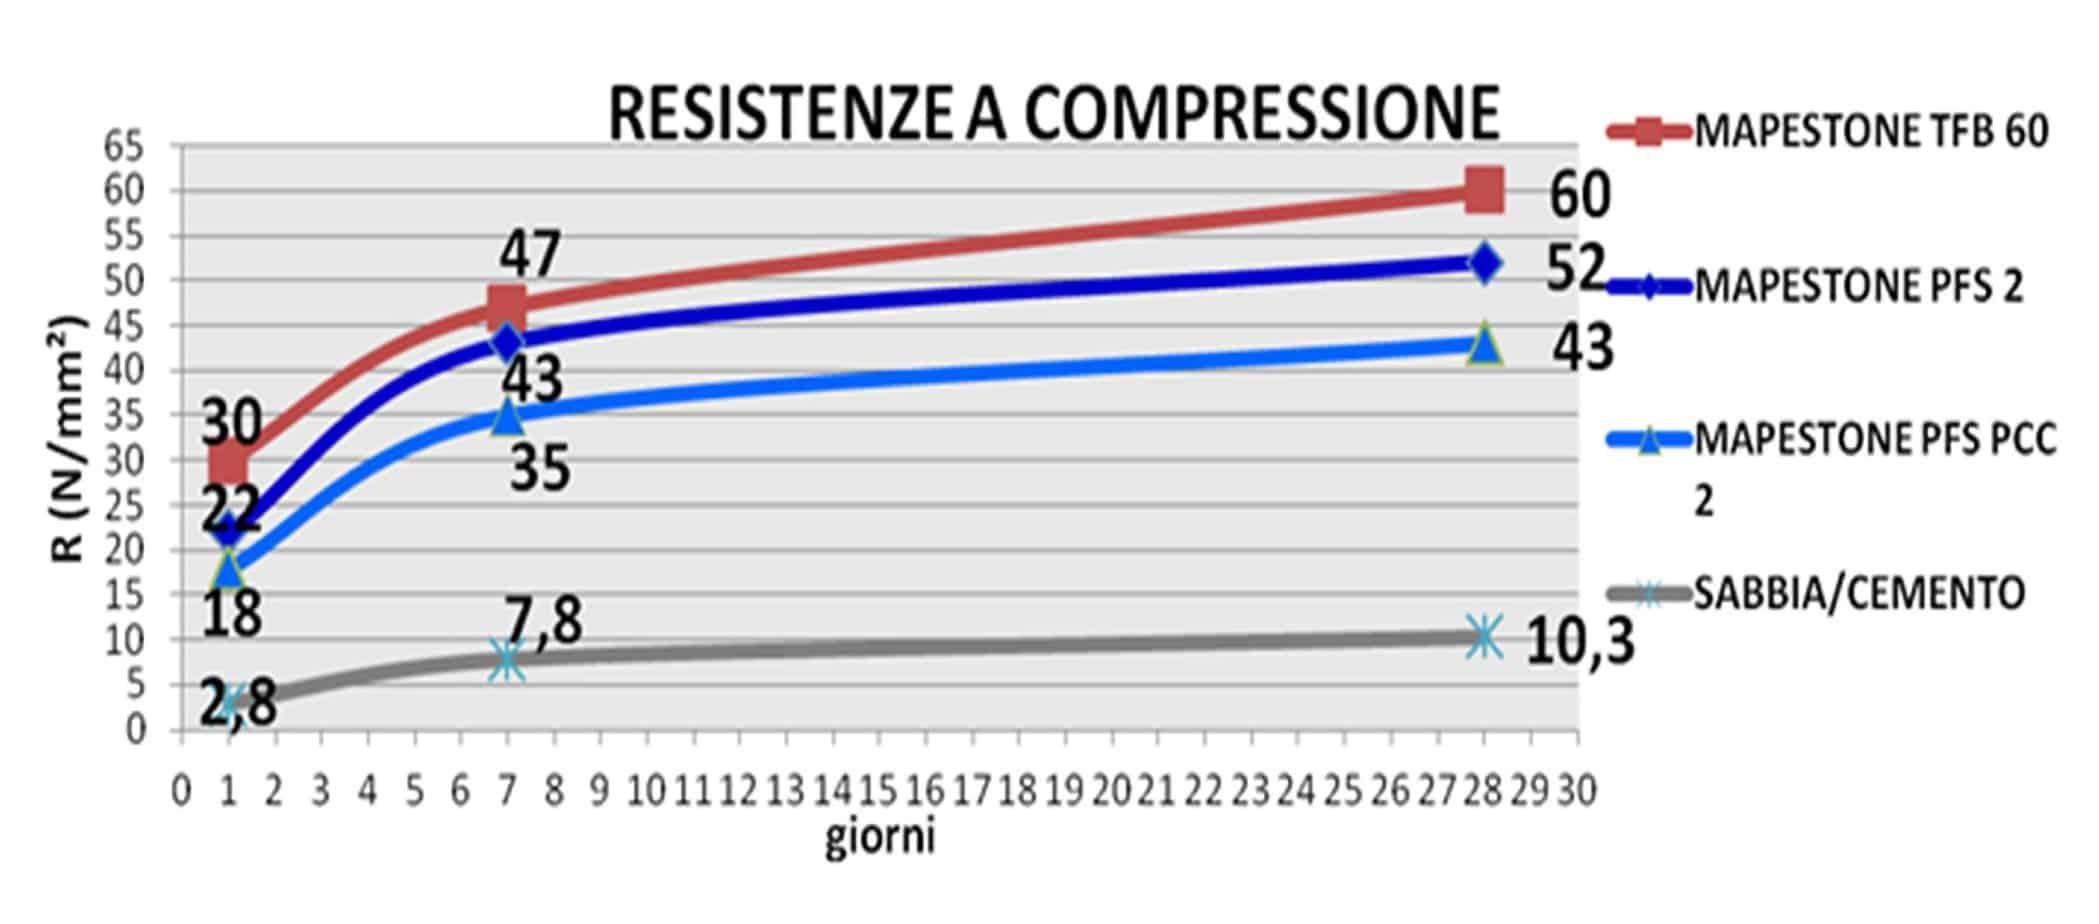 La verifica delle prestazioni dei prodotti della linea Mapestone di Mapei comparati con quelli tradizionali